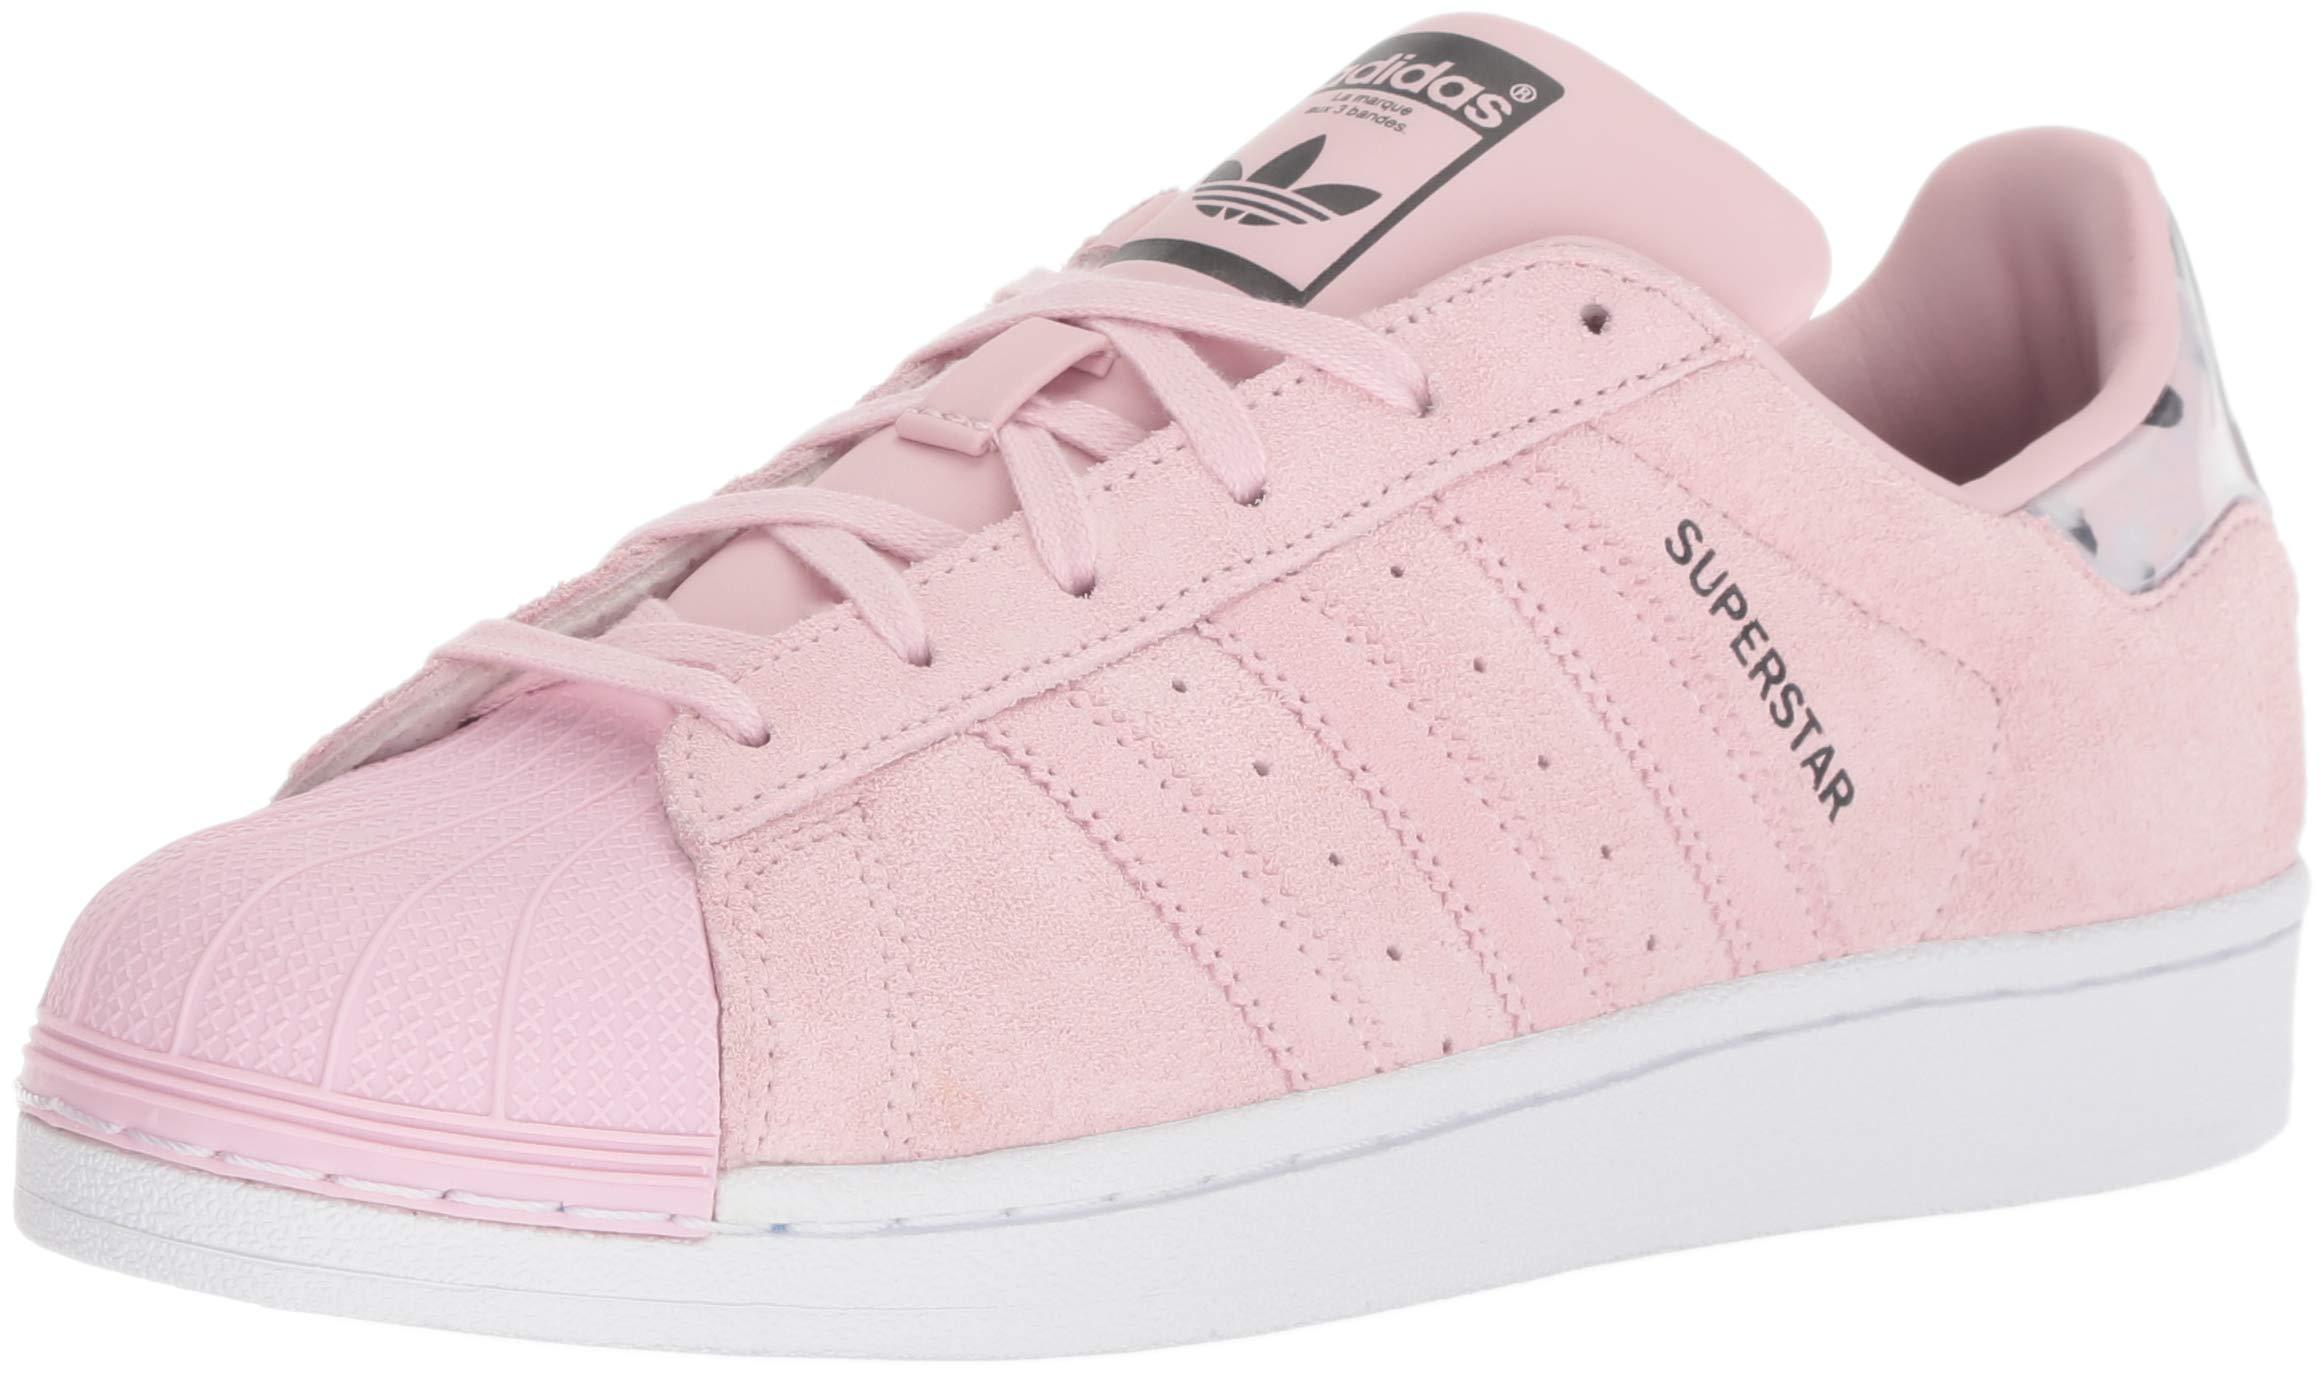 adidas Originals Unisex Superstar Running Shoe, Clear Pink/White, 6 M US Big Kid